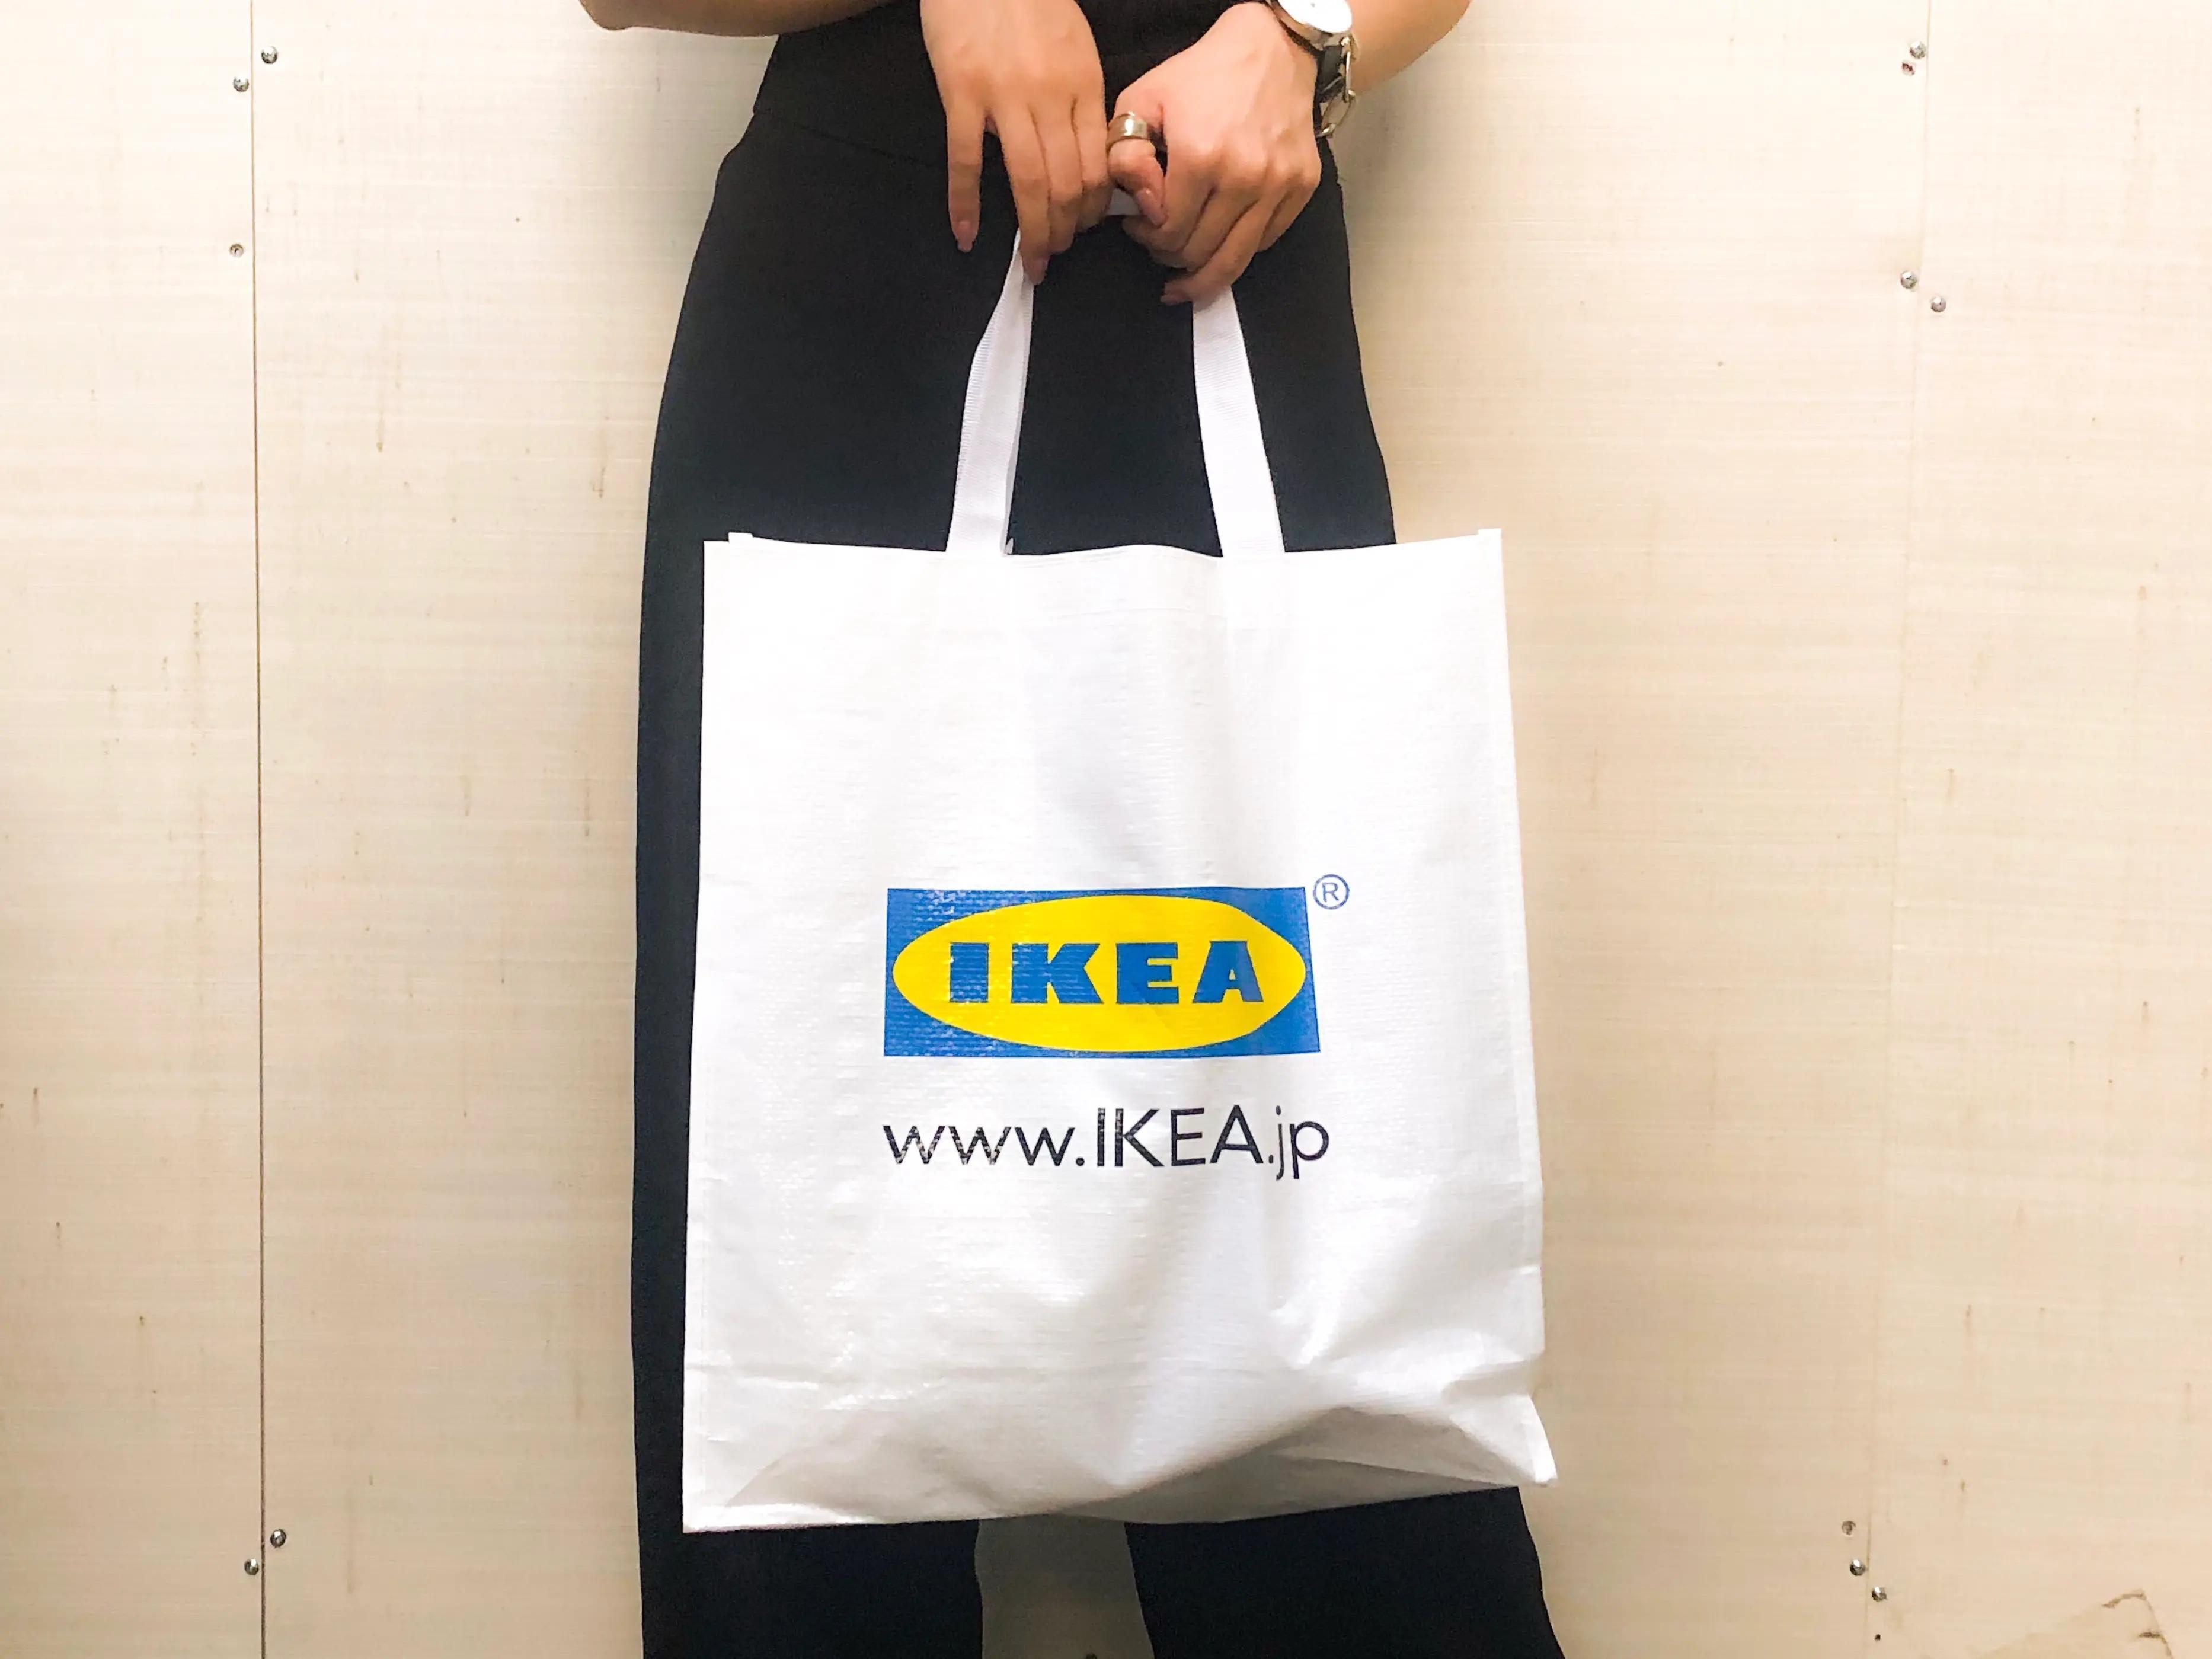 【働く女性のエコバッグまとめ】人気ブランドのおしゃれなバッグも♡ MOREインフルエンサーズのMyバッグ特集_25